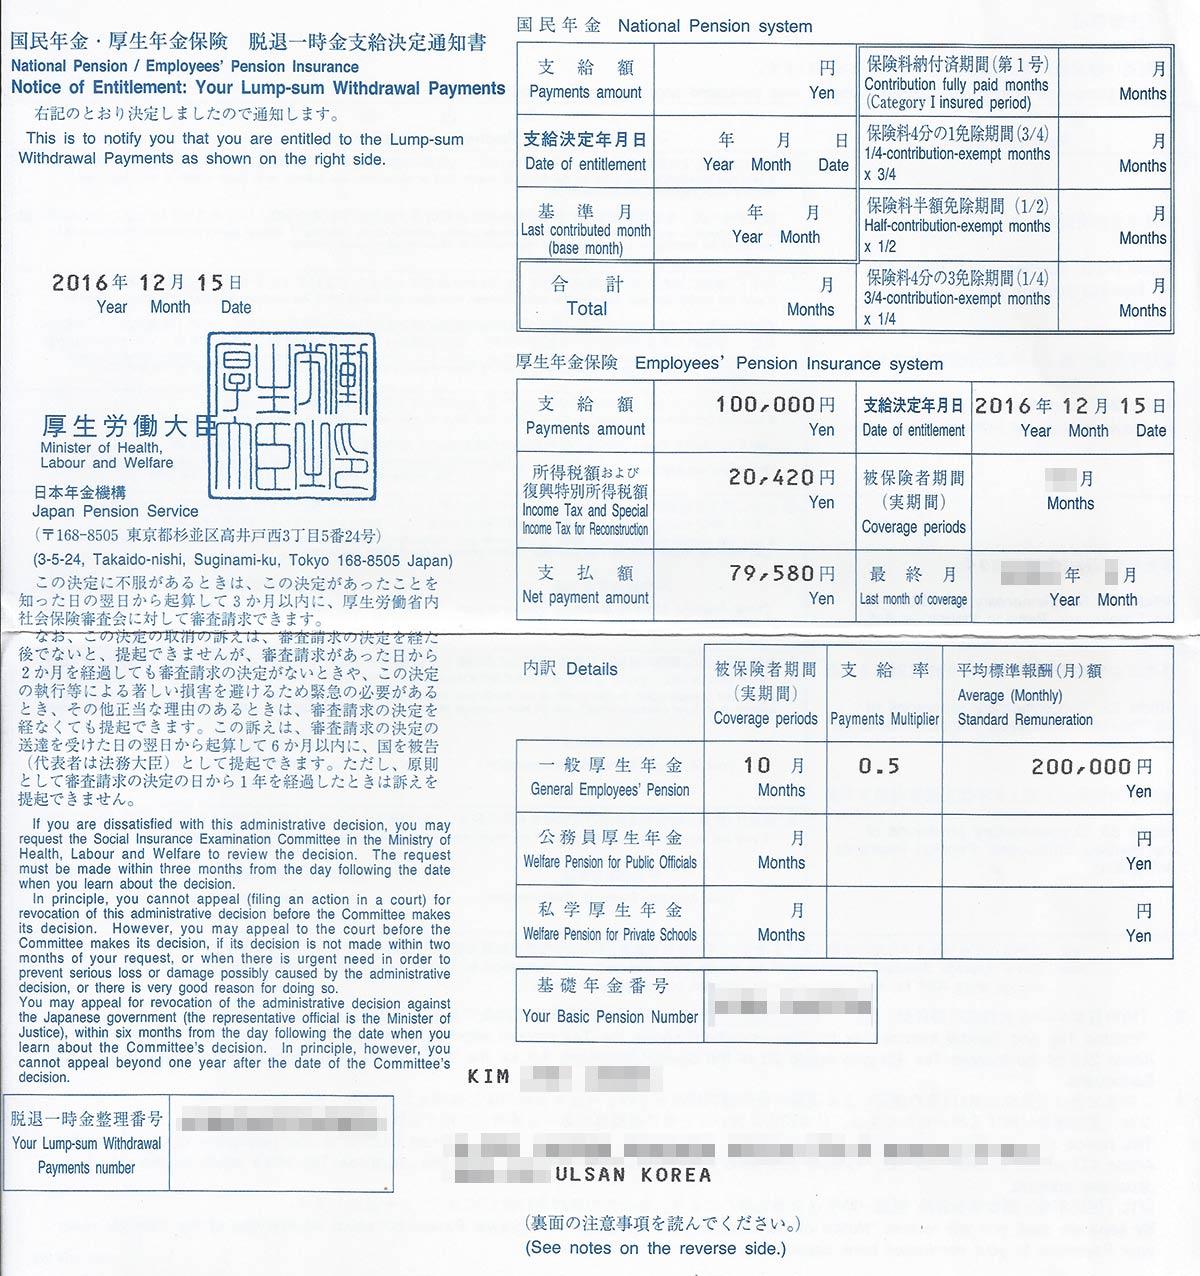 일본 후생연금보험금 환급통지서